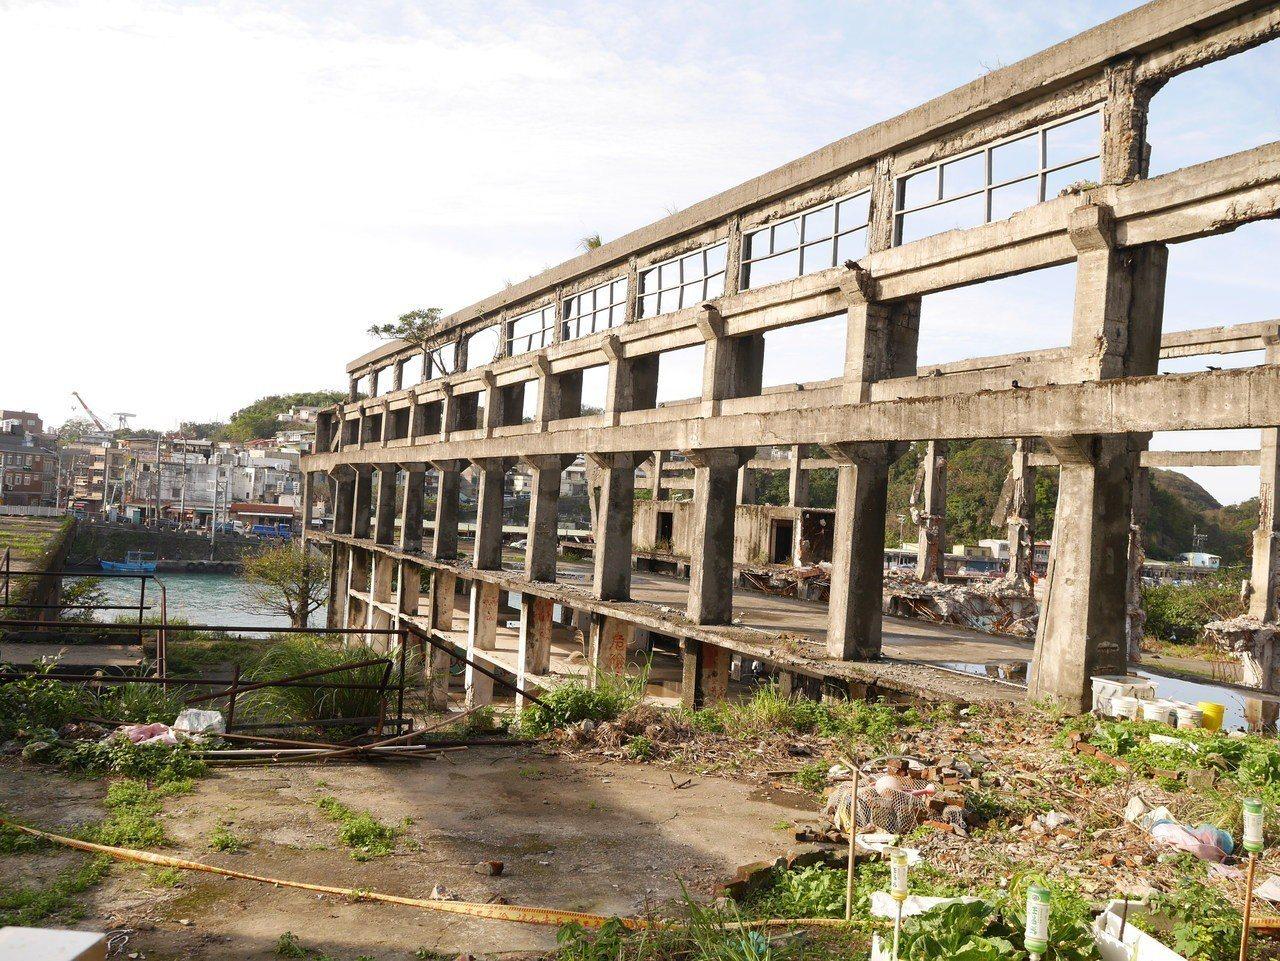 充滿廢墟美的阿根納造船廠遺構。記者吳淑君/攝影